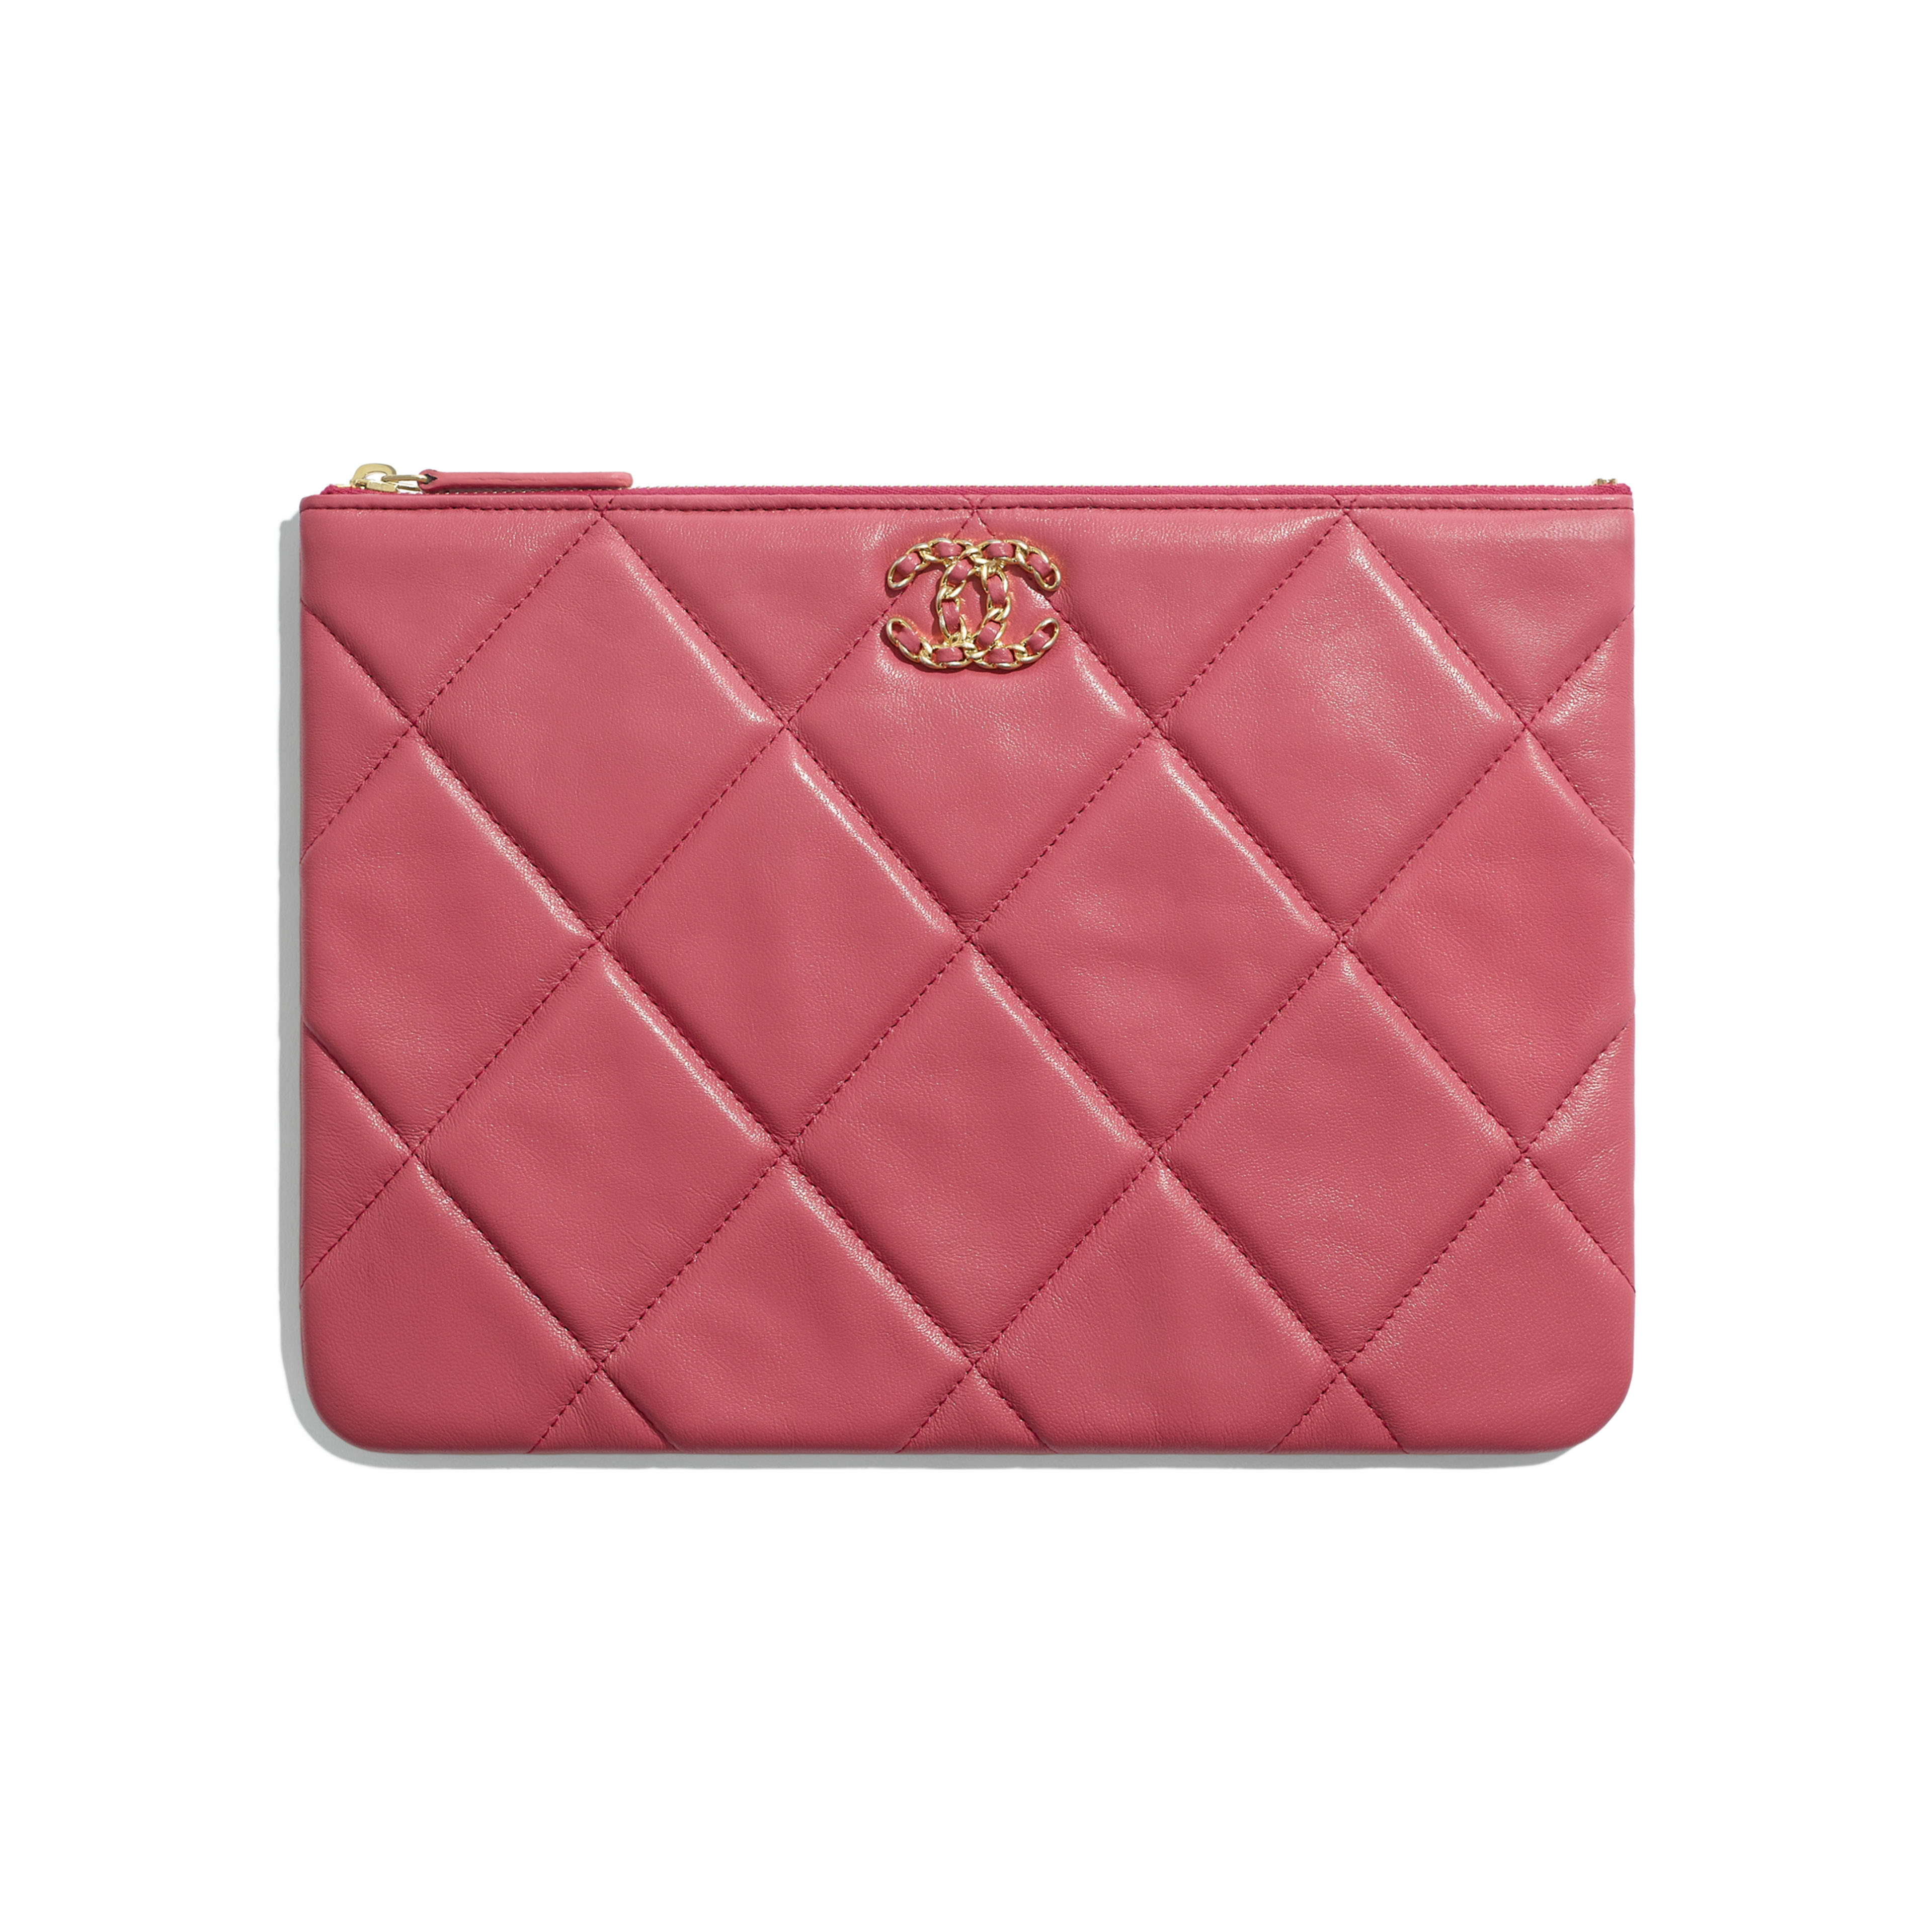 กระเป๋าเพาช์ CHANEL 19 - สีชมพู - หนังแกะ โลหะสีทอง โลหะสีเงิน และโลหะเคลือบรูทีเนียม - มุมมองปัจจุบัน - ดูเวอร์ชันขนาดเต็ม